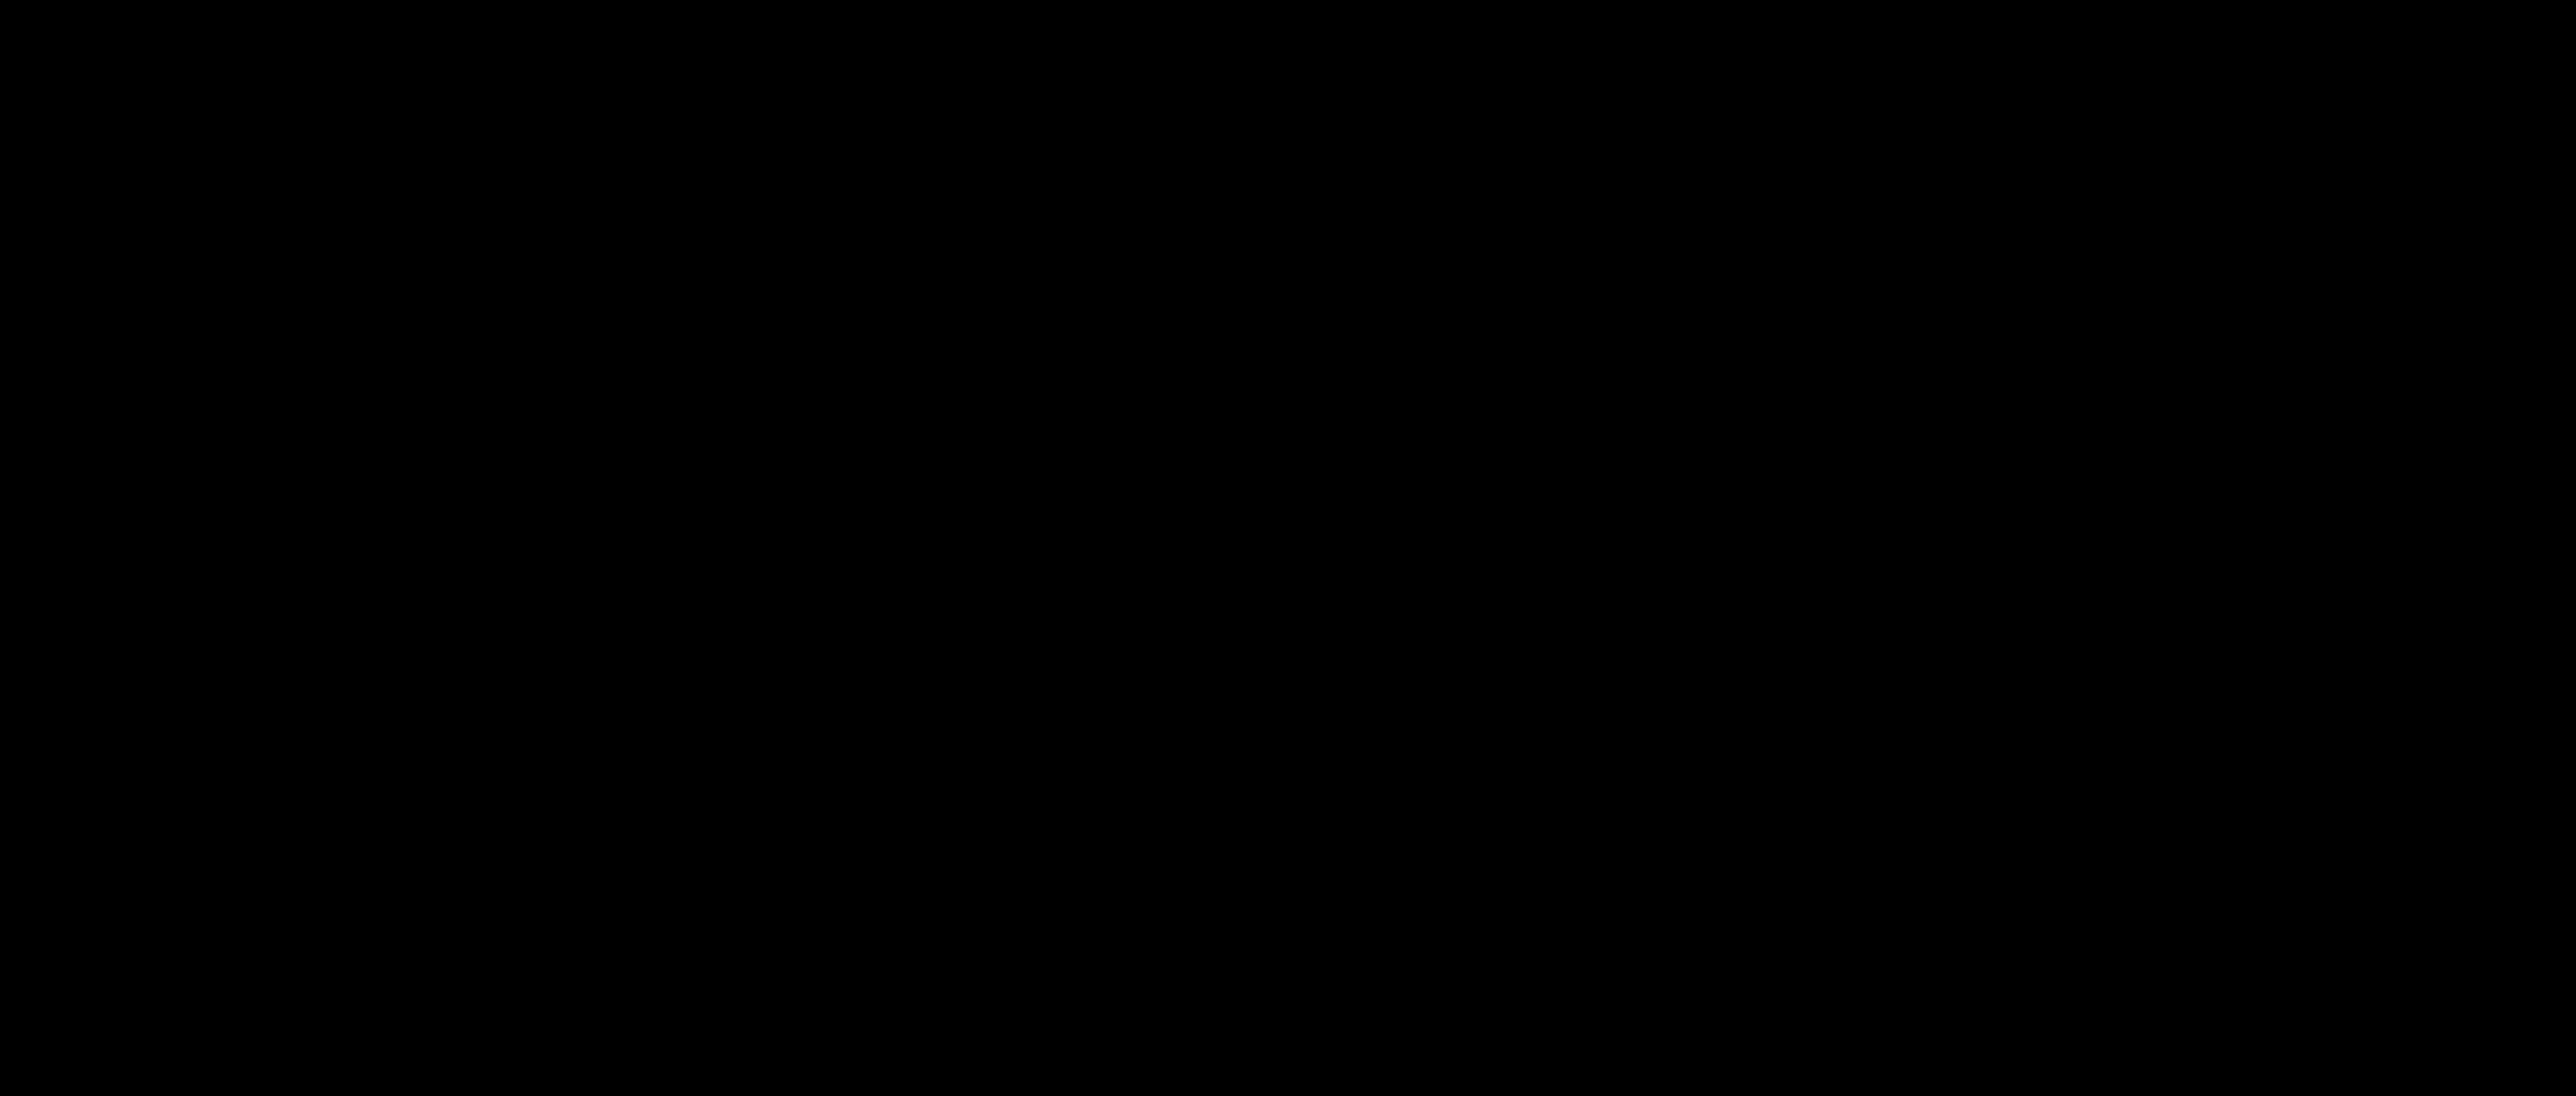 LILWHITEDOT ONLINE